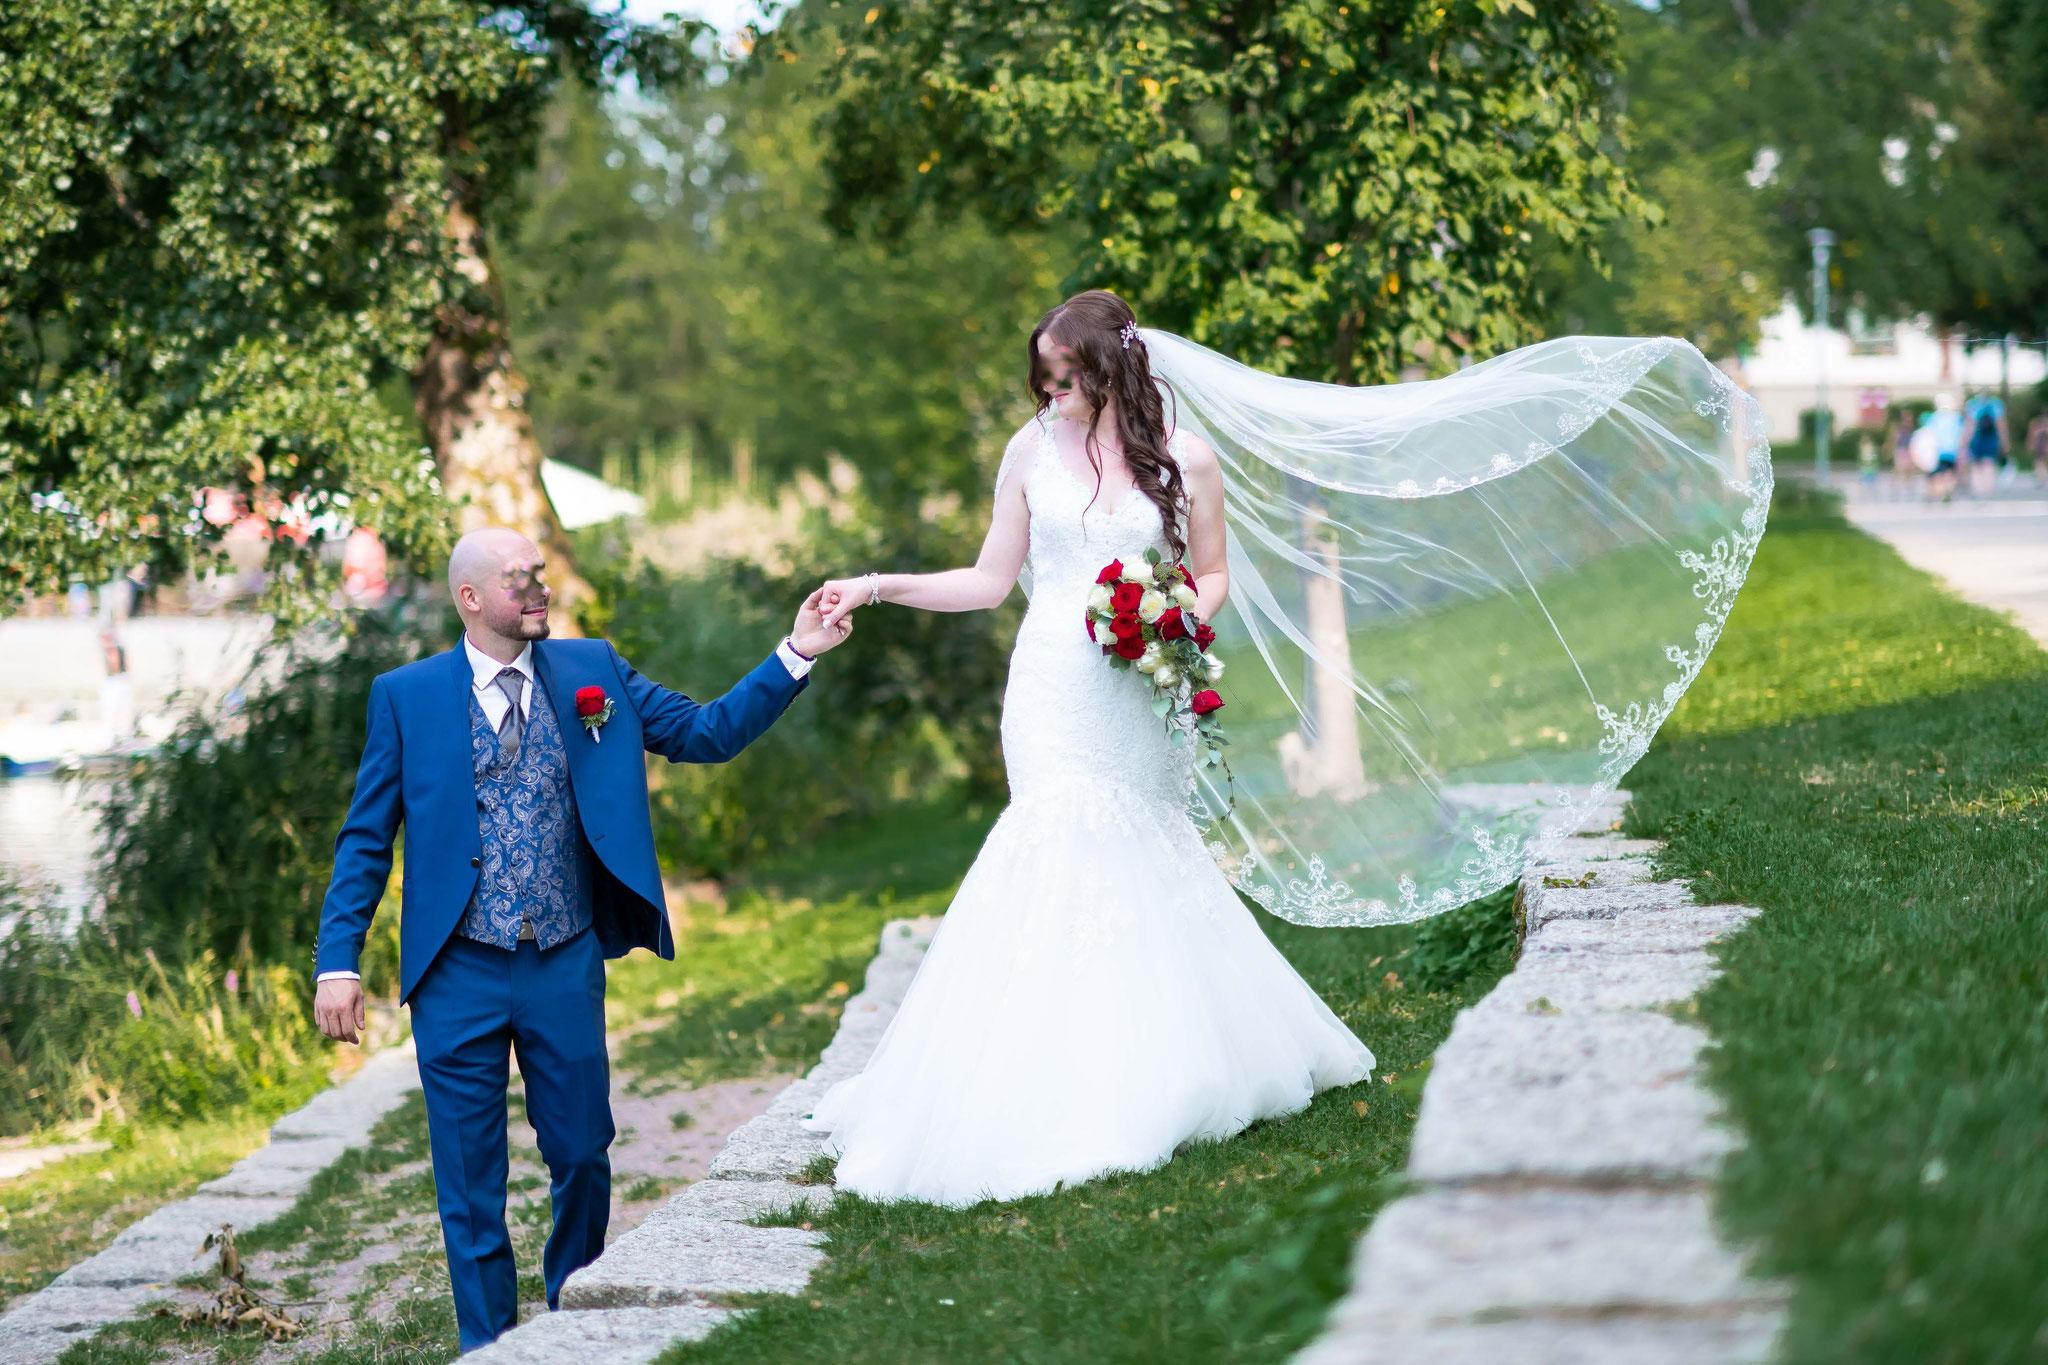 Hochzeitsfotograf für Brautpaar Shooting am Flückigersee in Freiburg im Breisgau